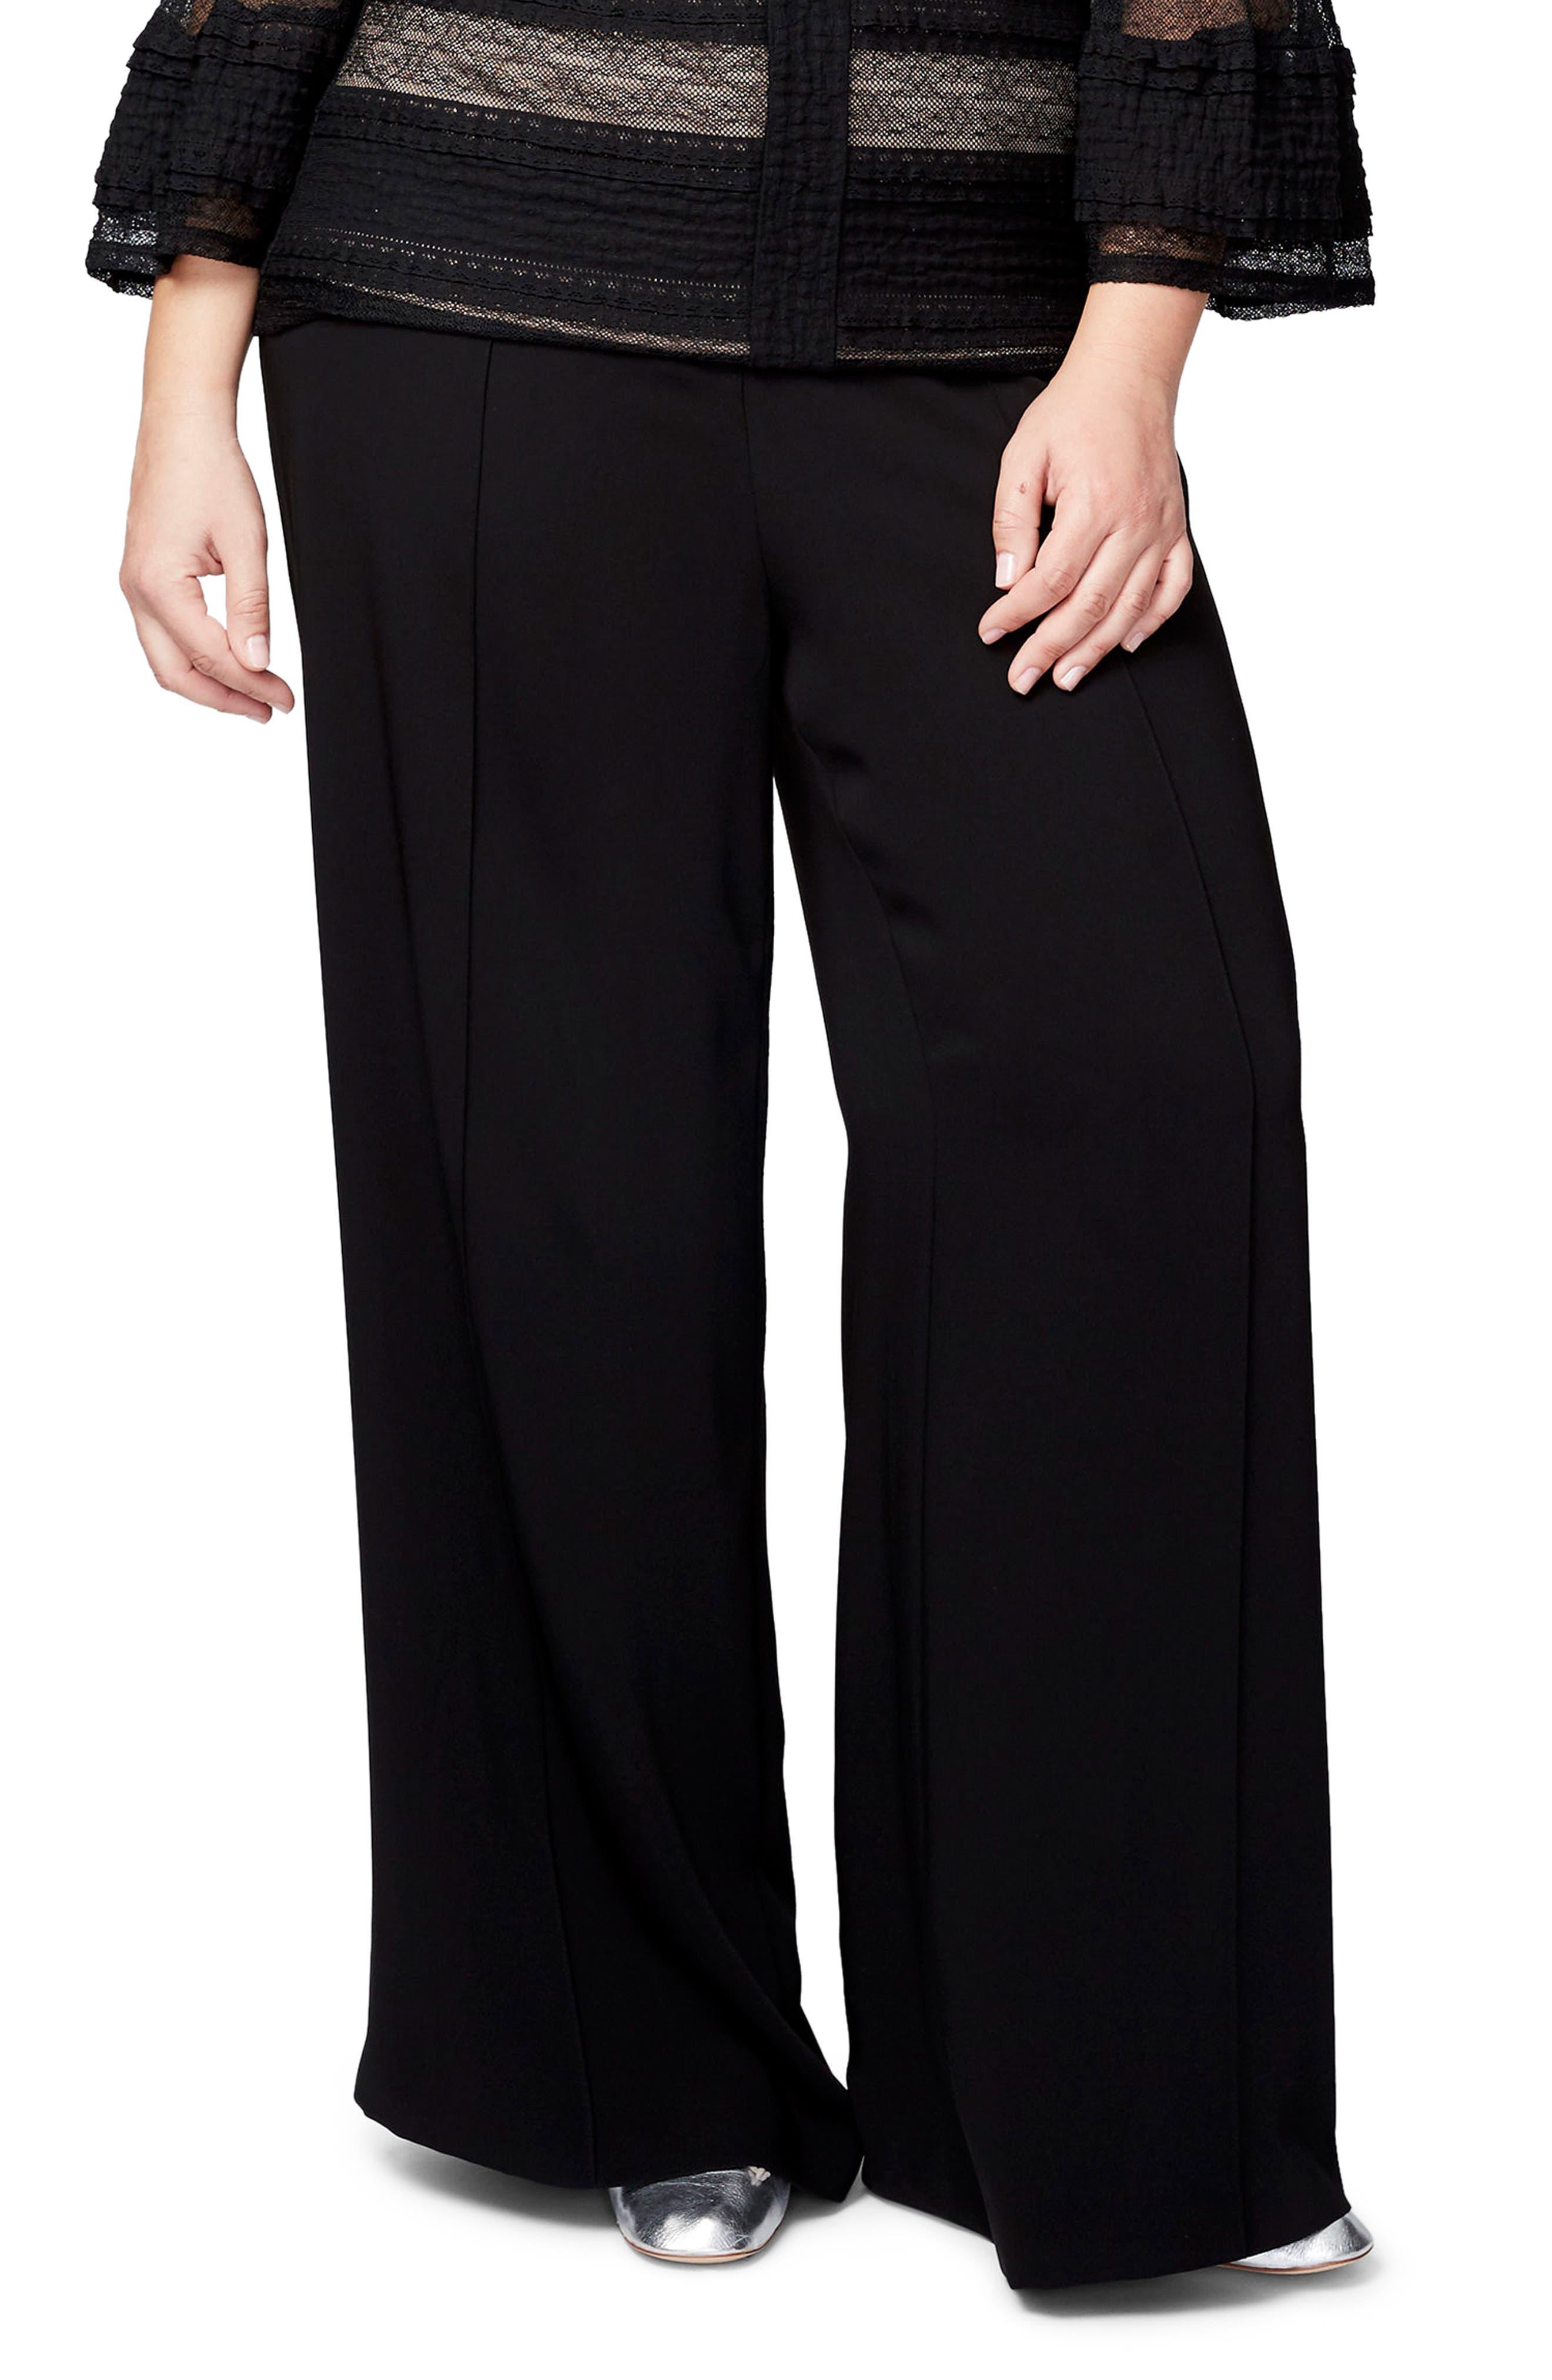 Denise Wide Leg Pants,                         Main,                         color, 001